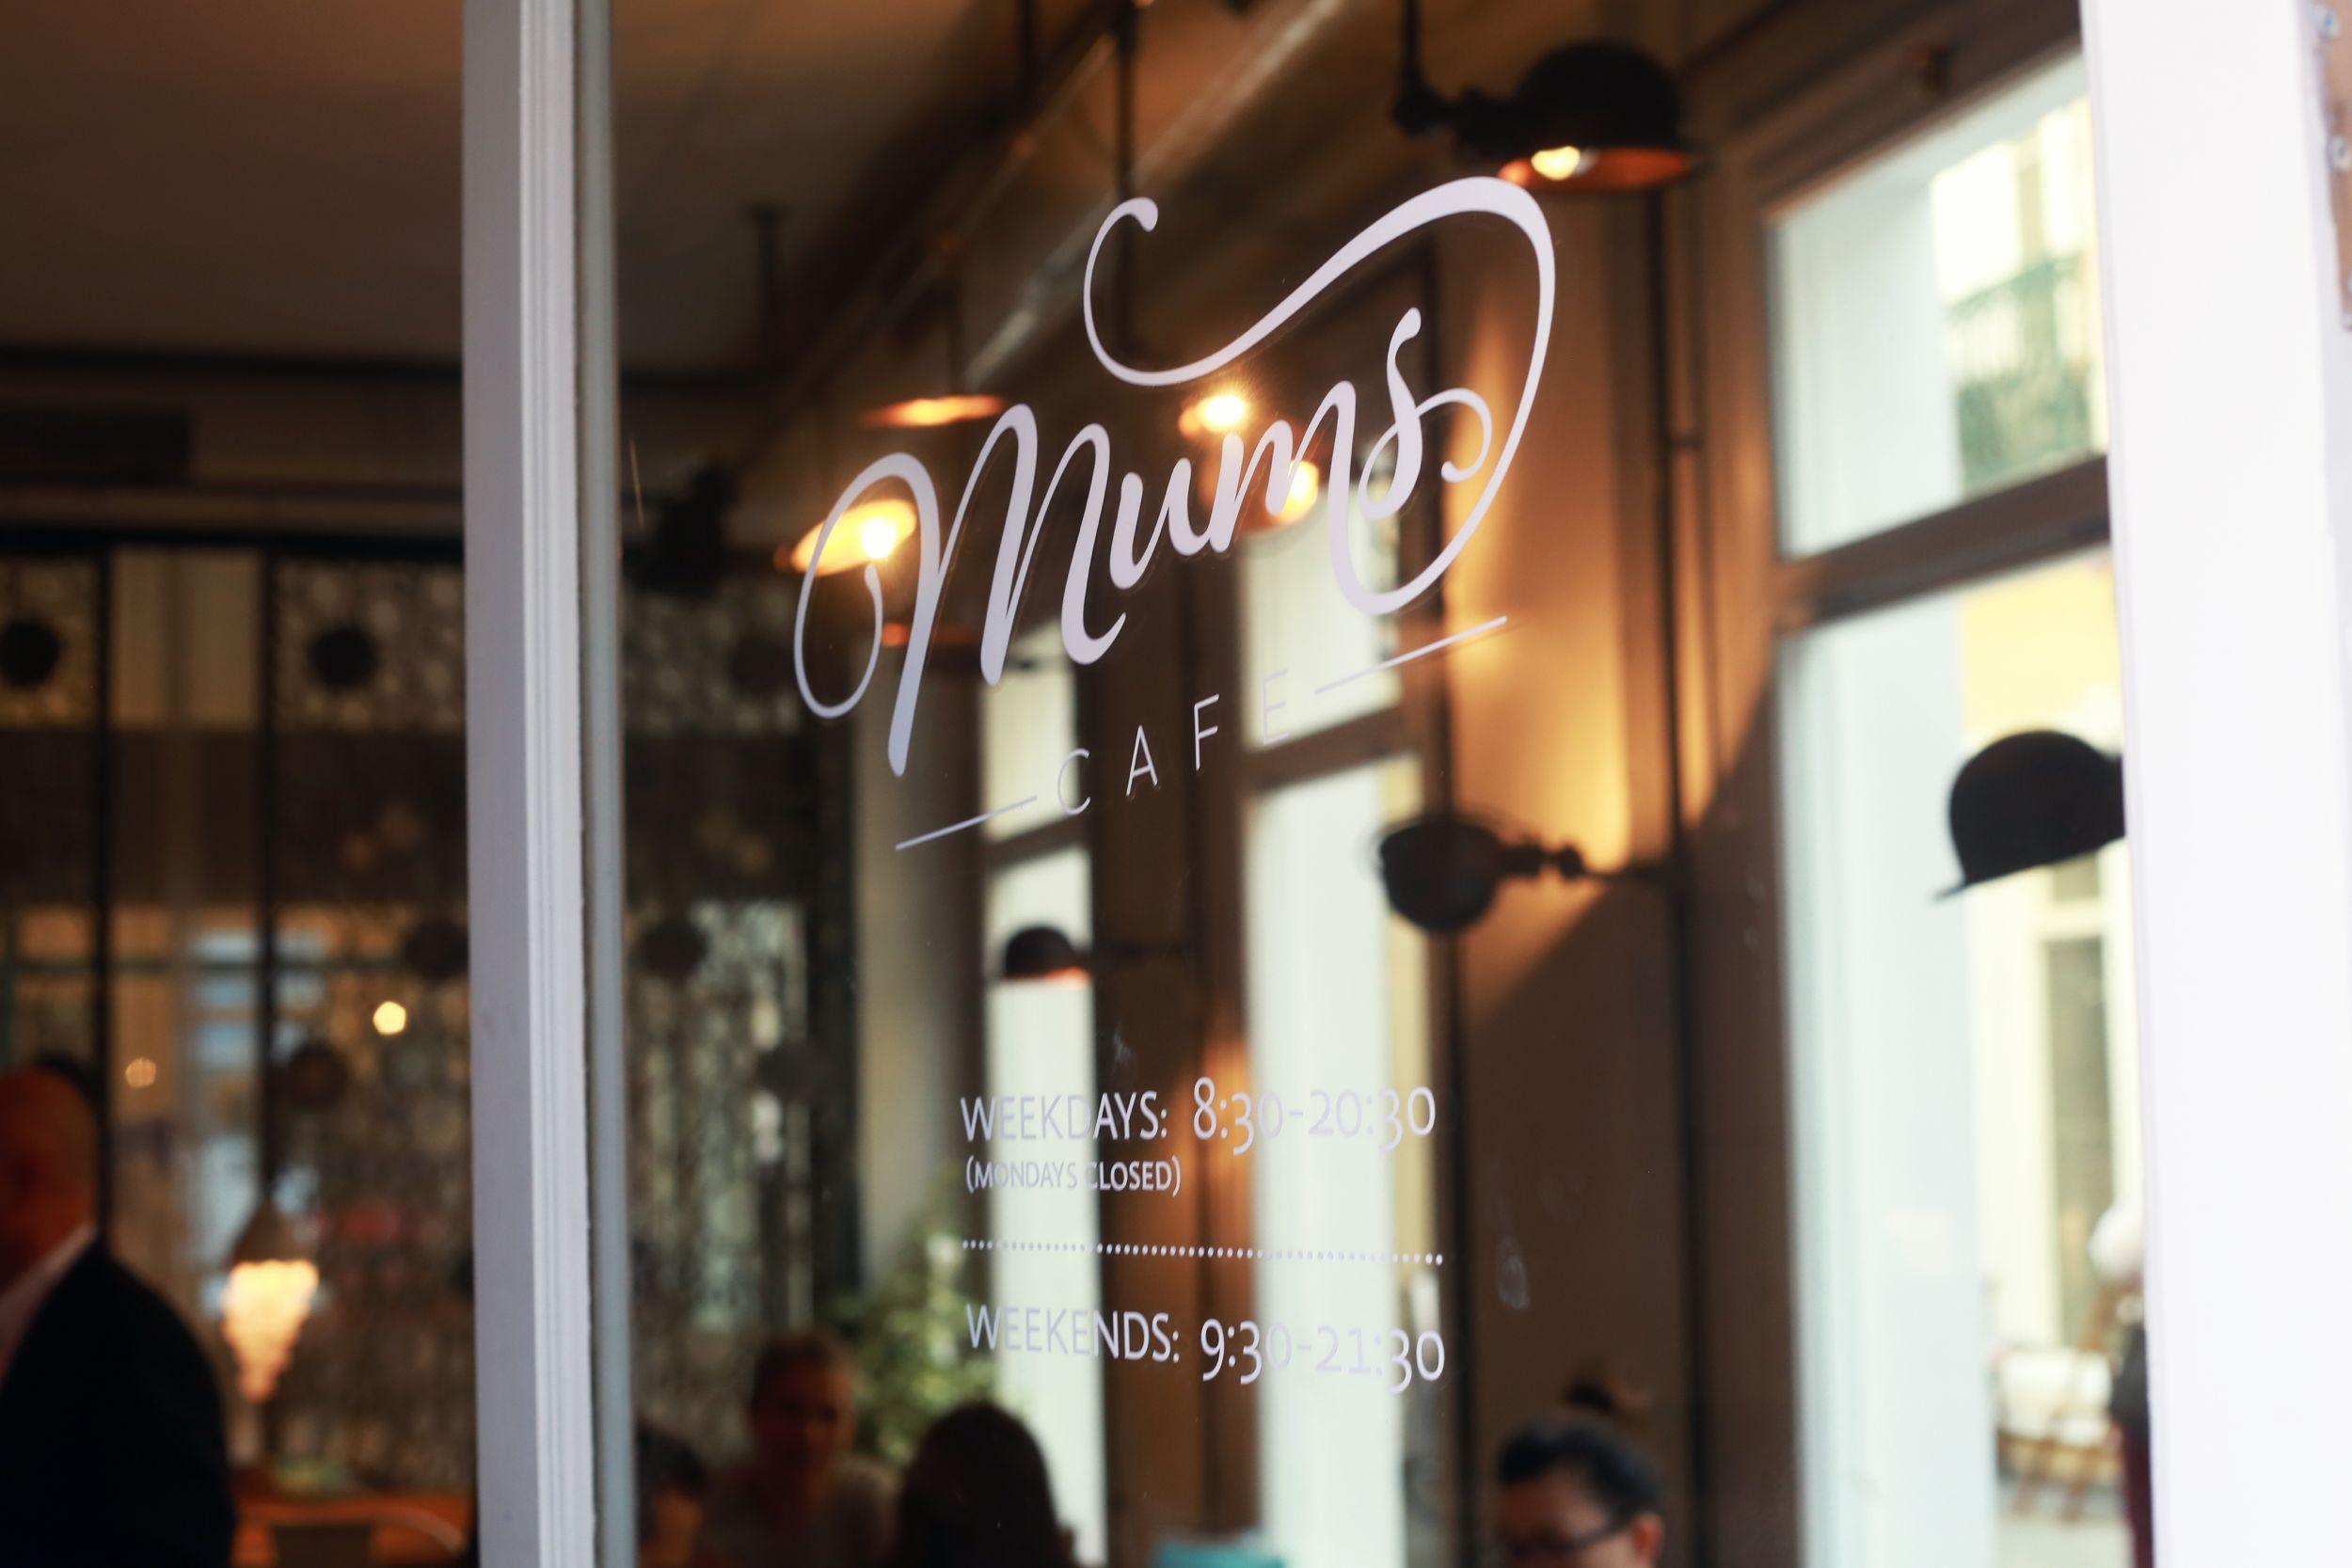 mums cafe, karaköy, offnegiysem